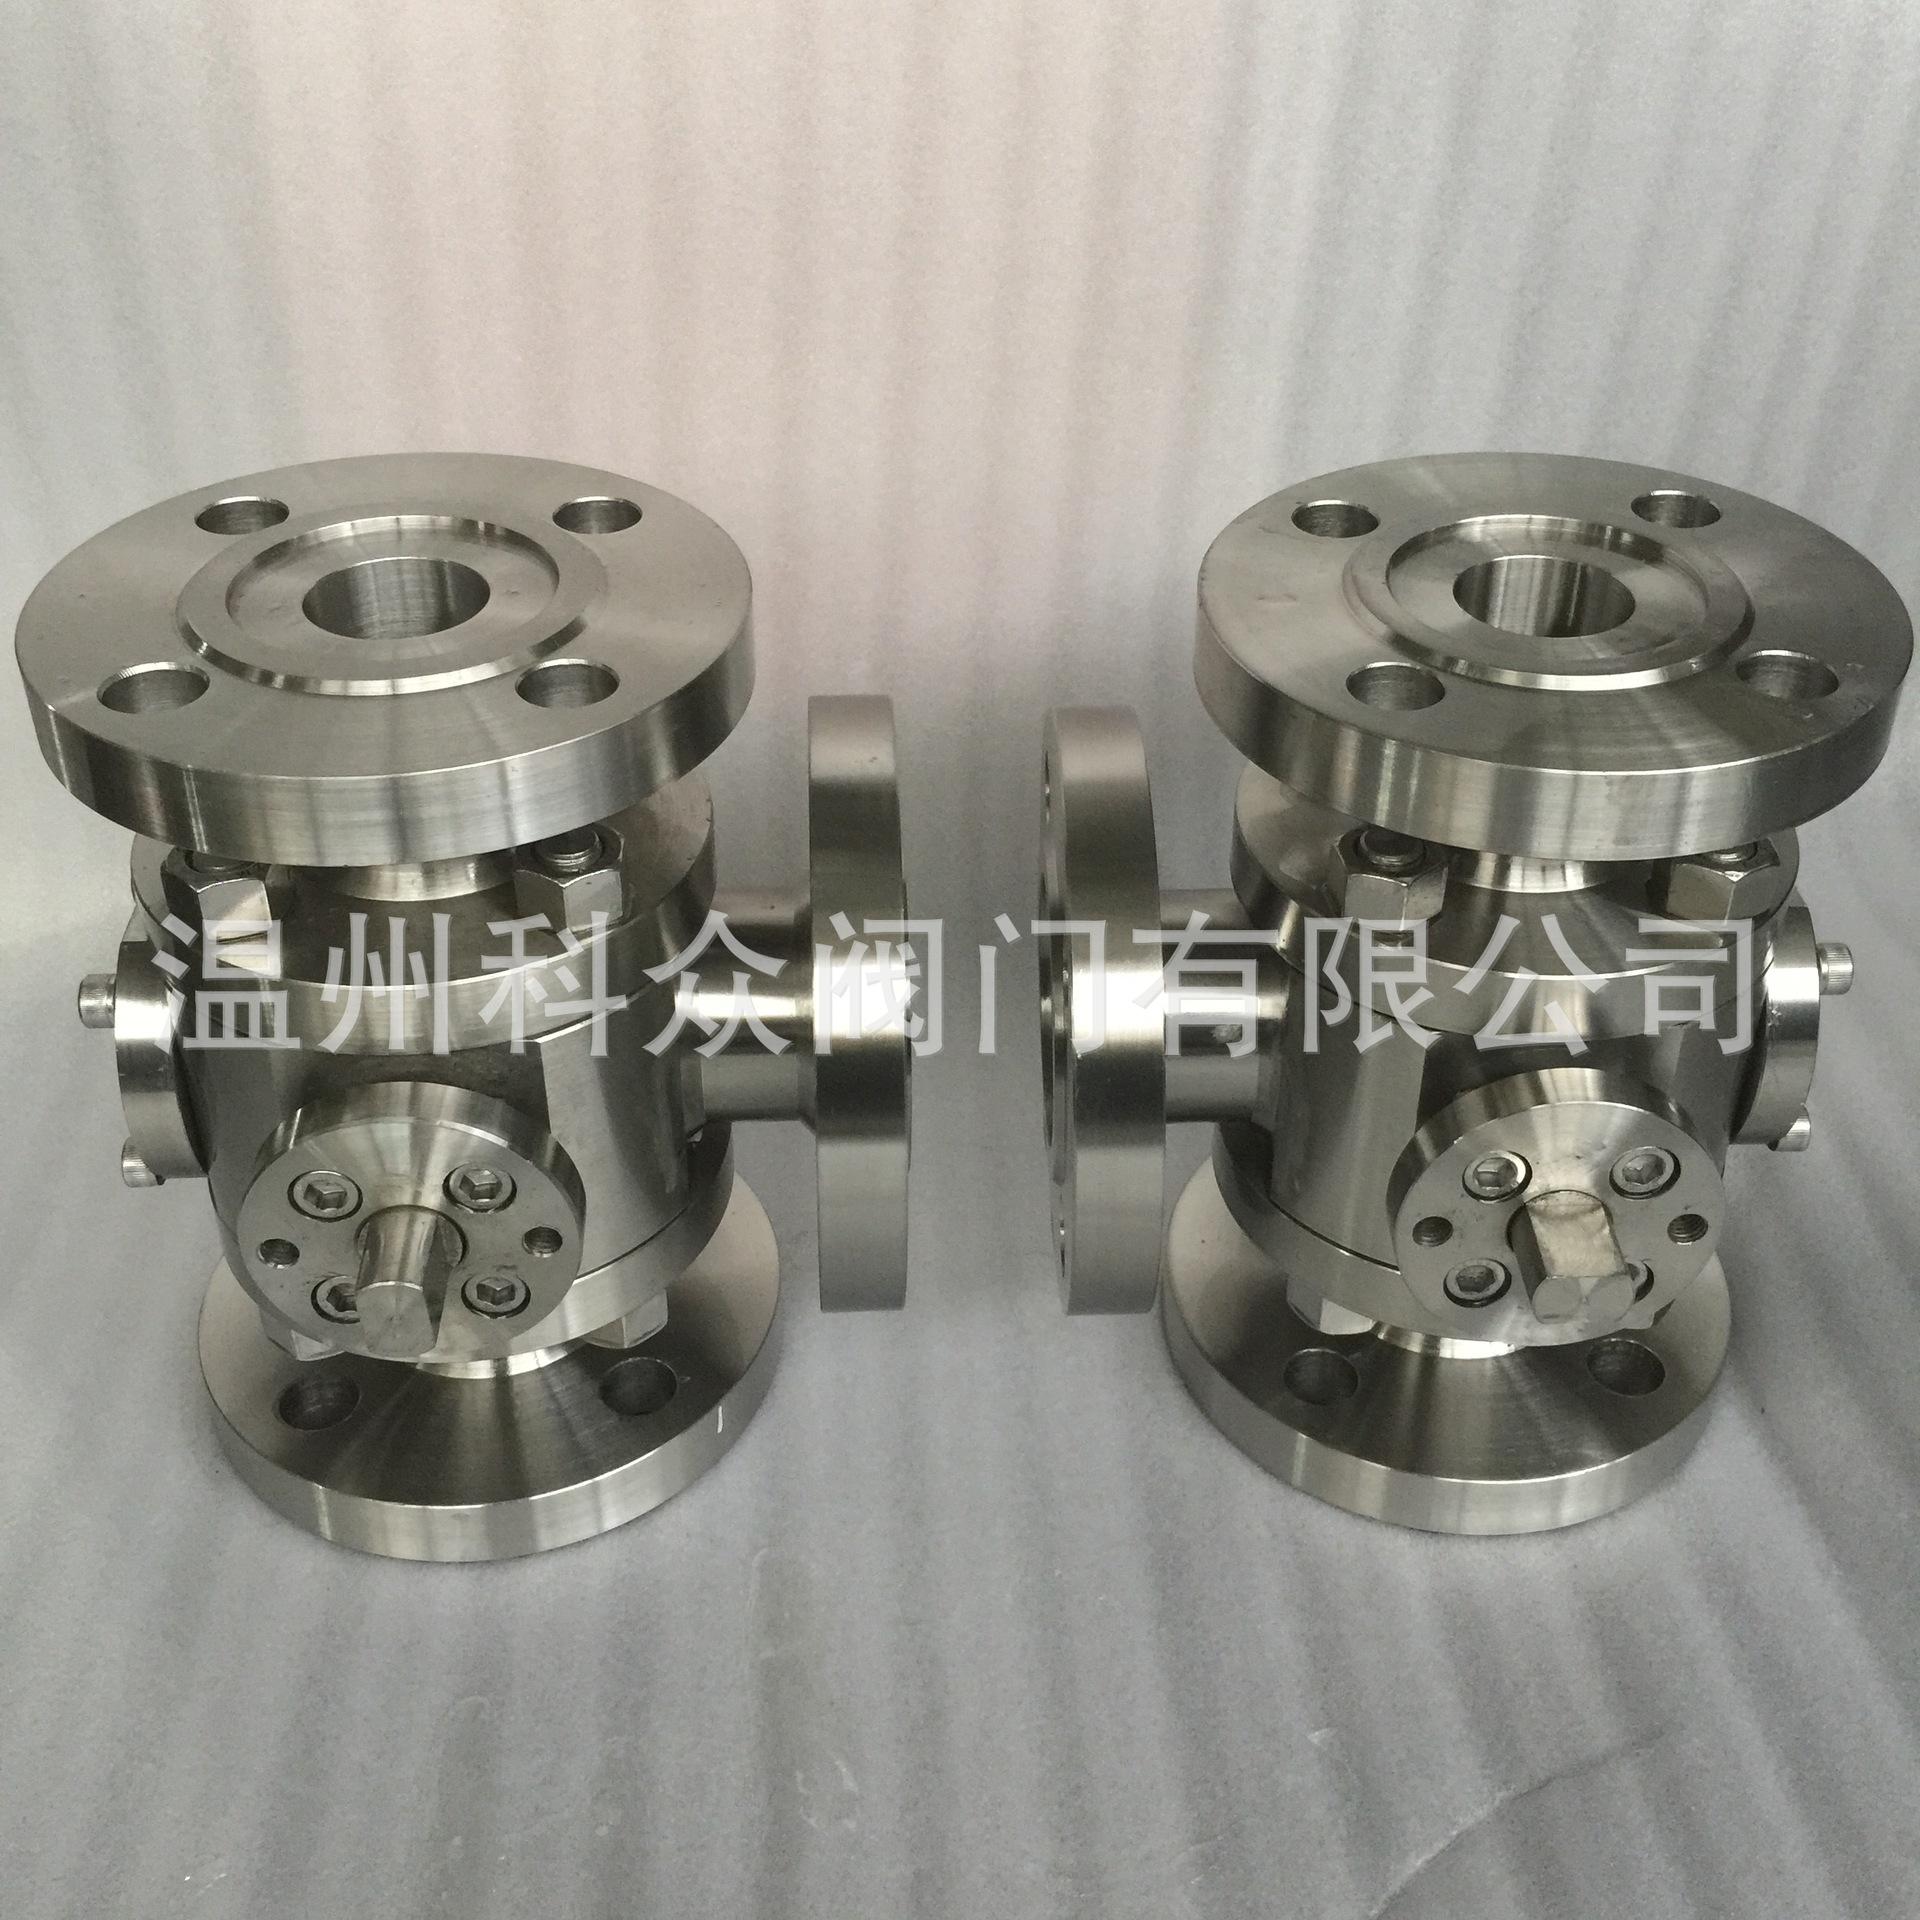 锻钢高压法兰三通球阀具有结构紧凑,密封性好的特点,有l型和t型两种